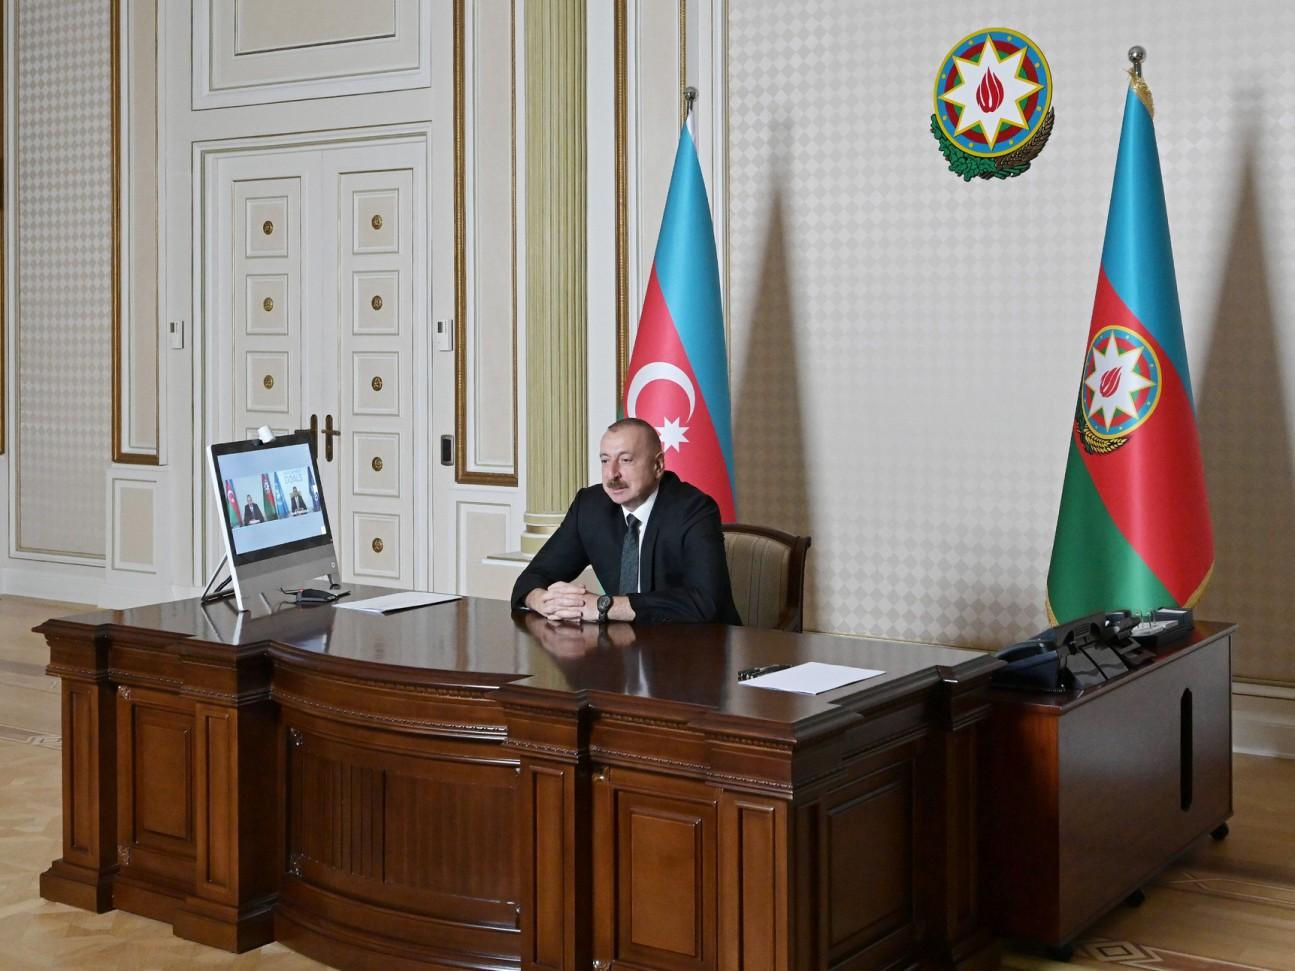 Azərbaycan Prezidenti İlham Əliyev və Ümumdünya Turizm Təşkilatının Baş katibi arasında videokonfrans keçirilib